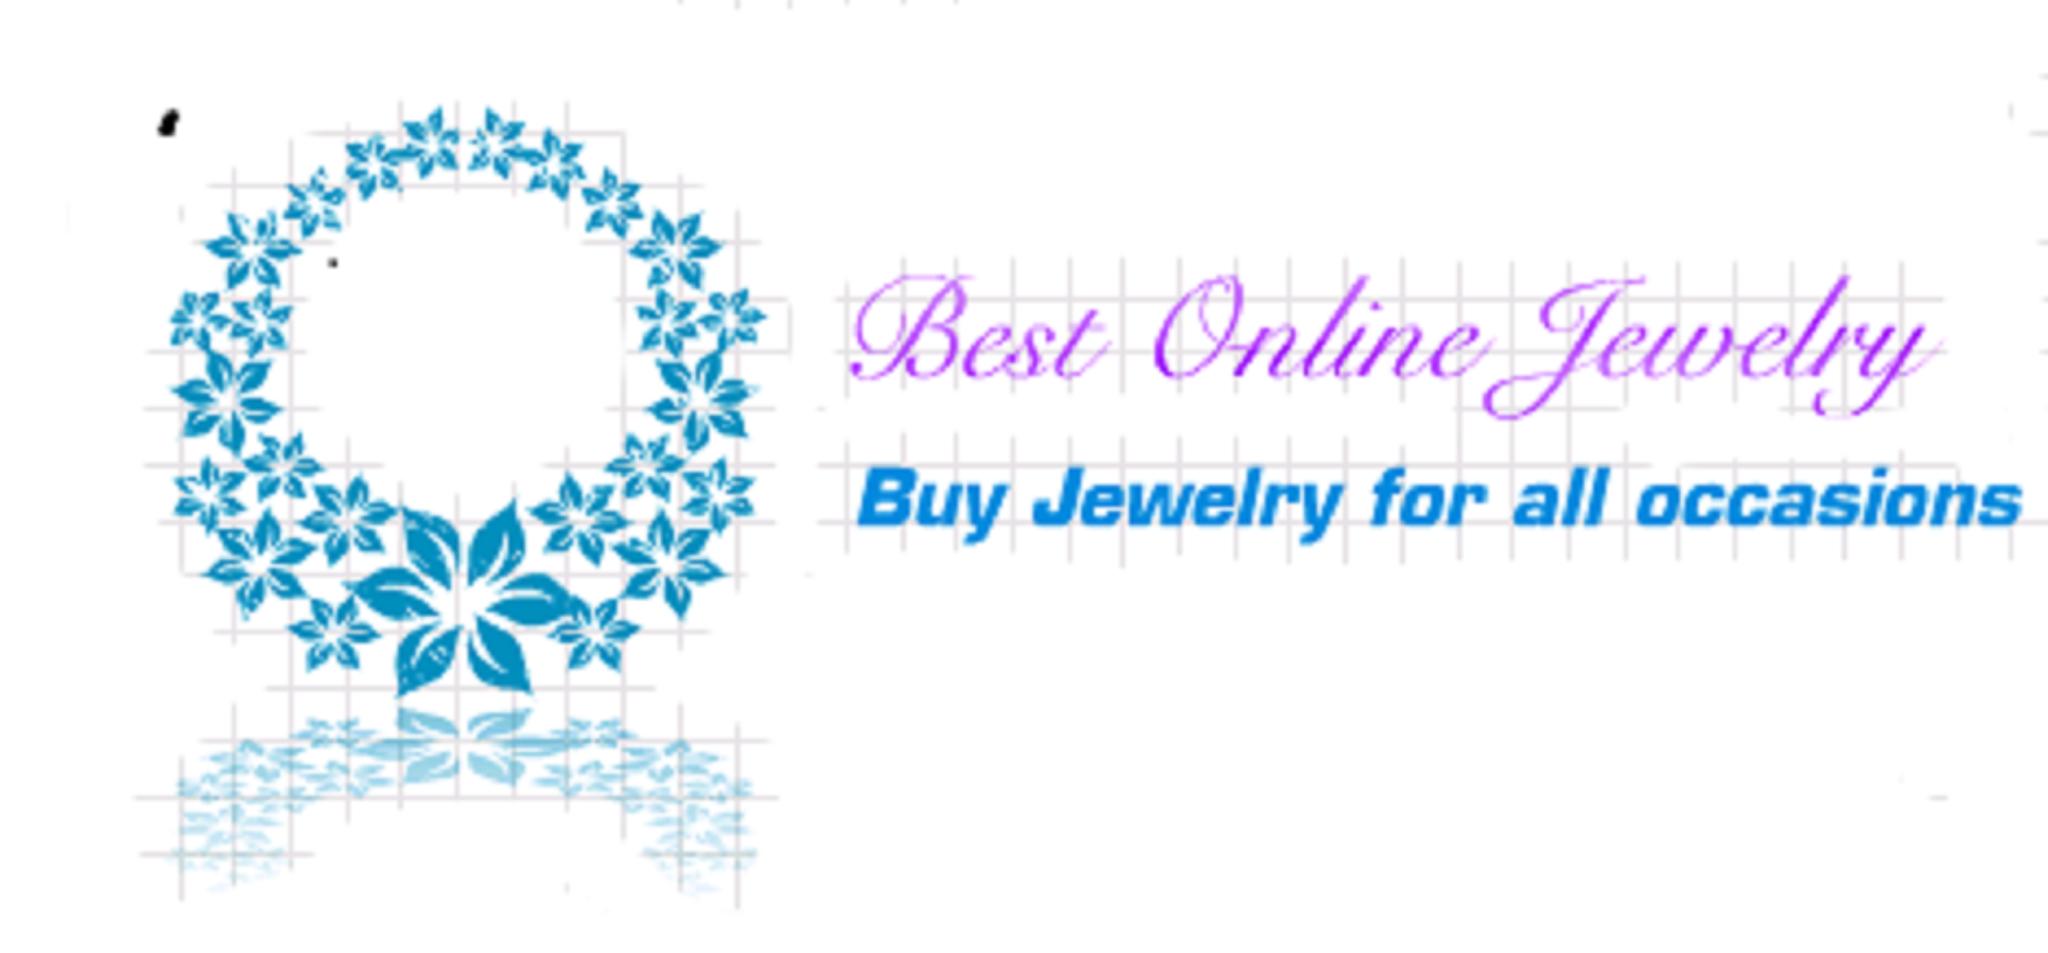 Bestonlinejewelry